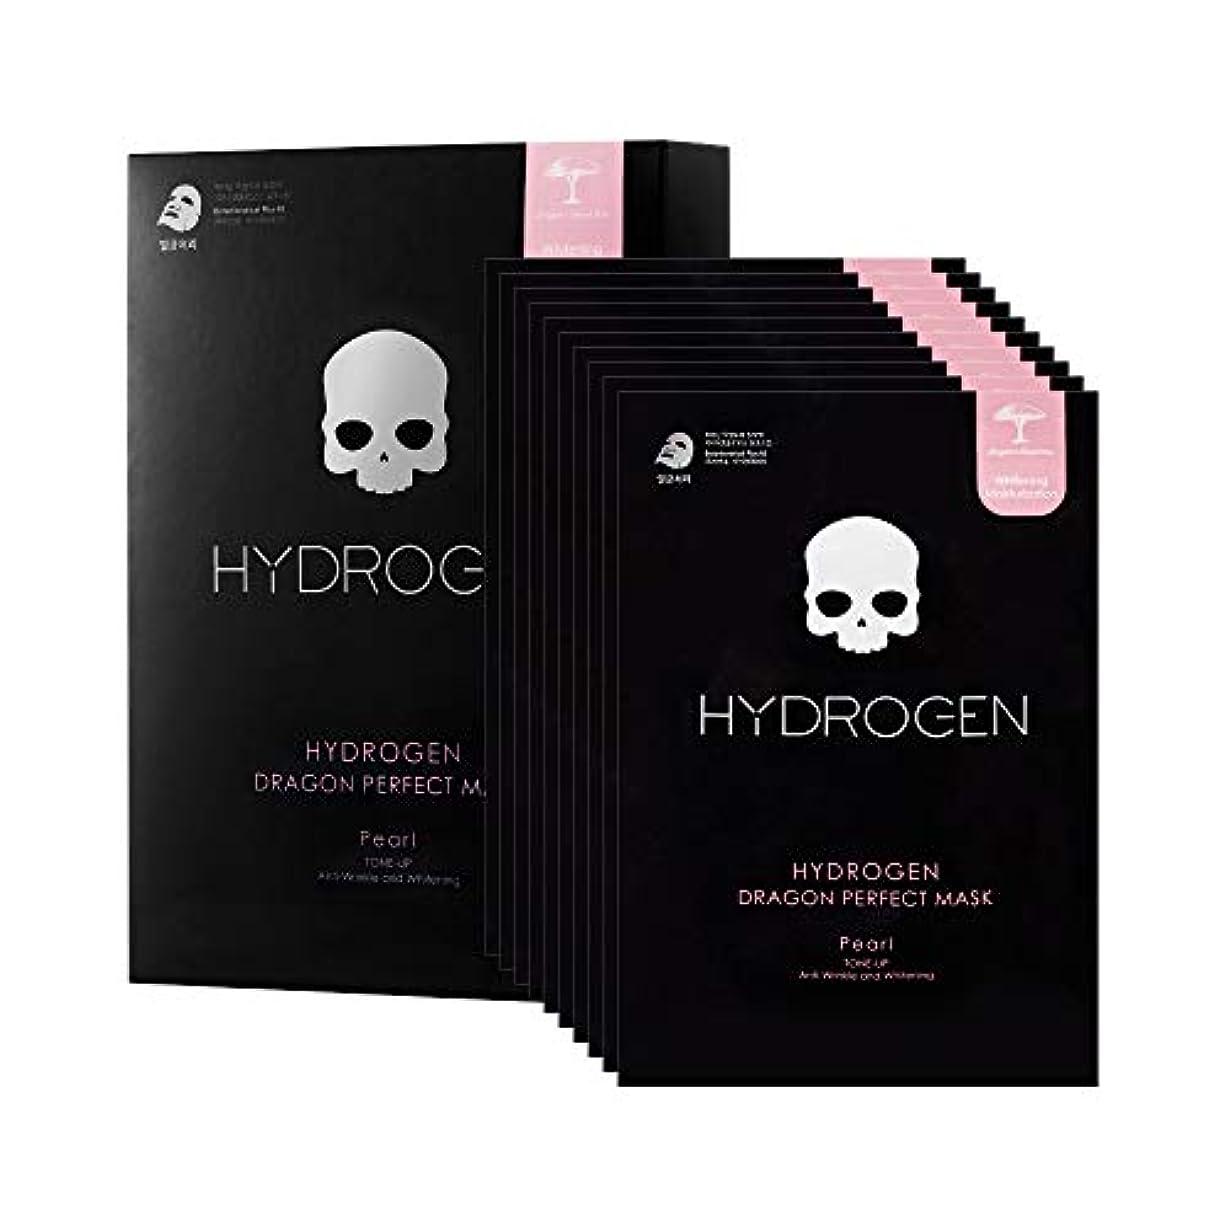 阻害する半ば反射【HYDROGEN】ハイドロゲンドラゴンパーフェクトマスク HYDROGEN DRAGON PERFECT MASK [10枚入り]